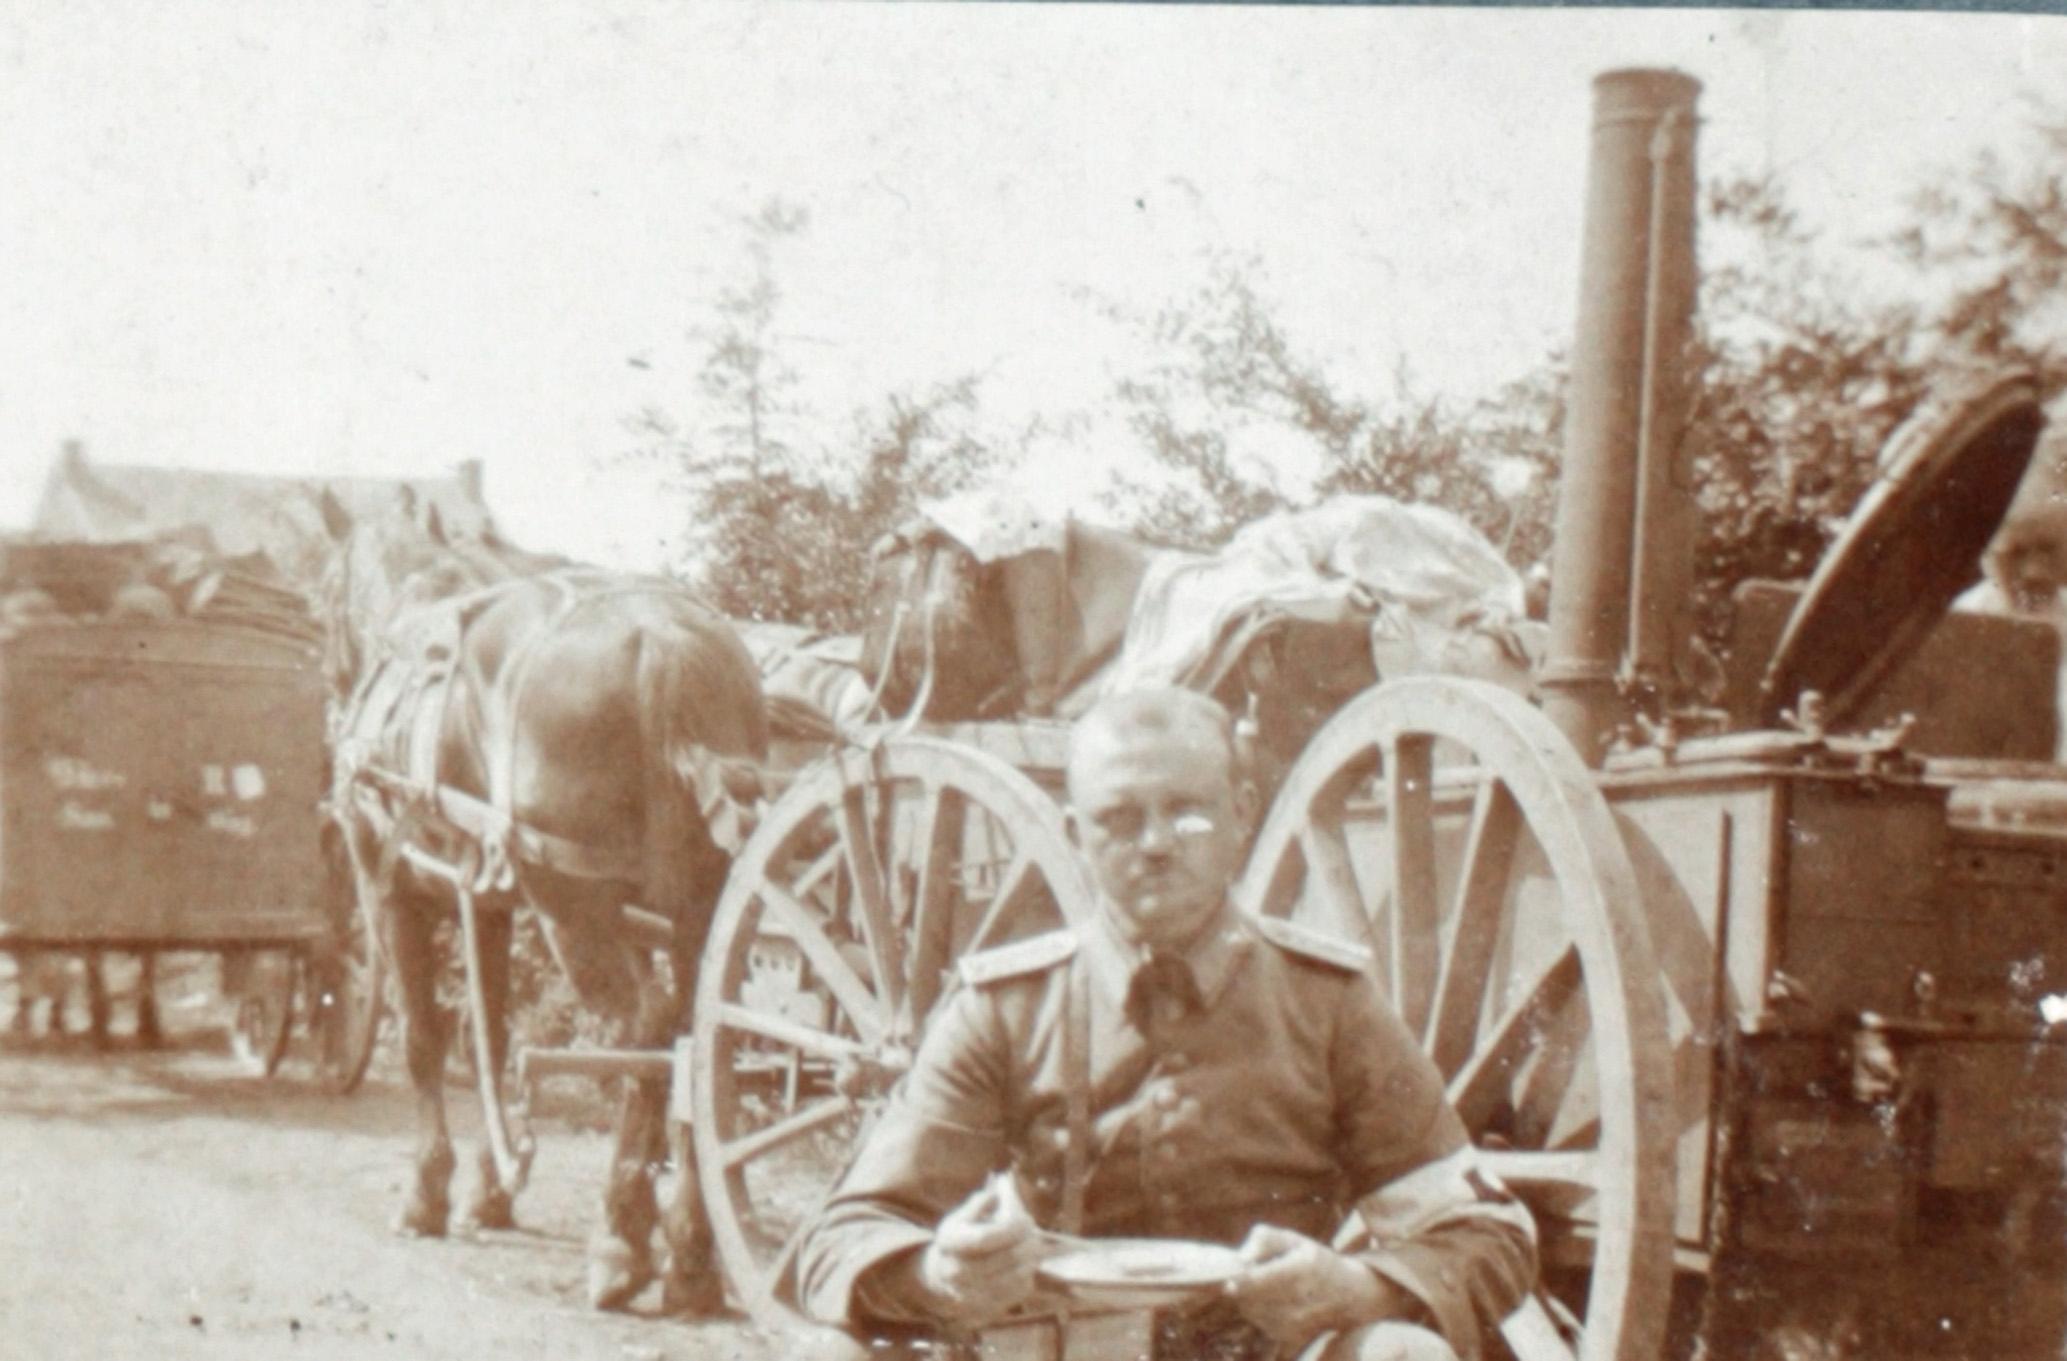 17. august 1914. Foran Tirlemont: Et sidste måltid før slaget?